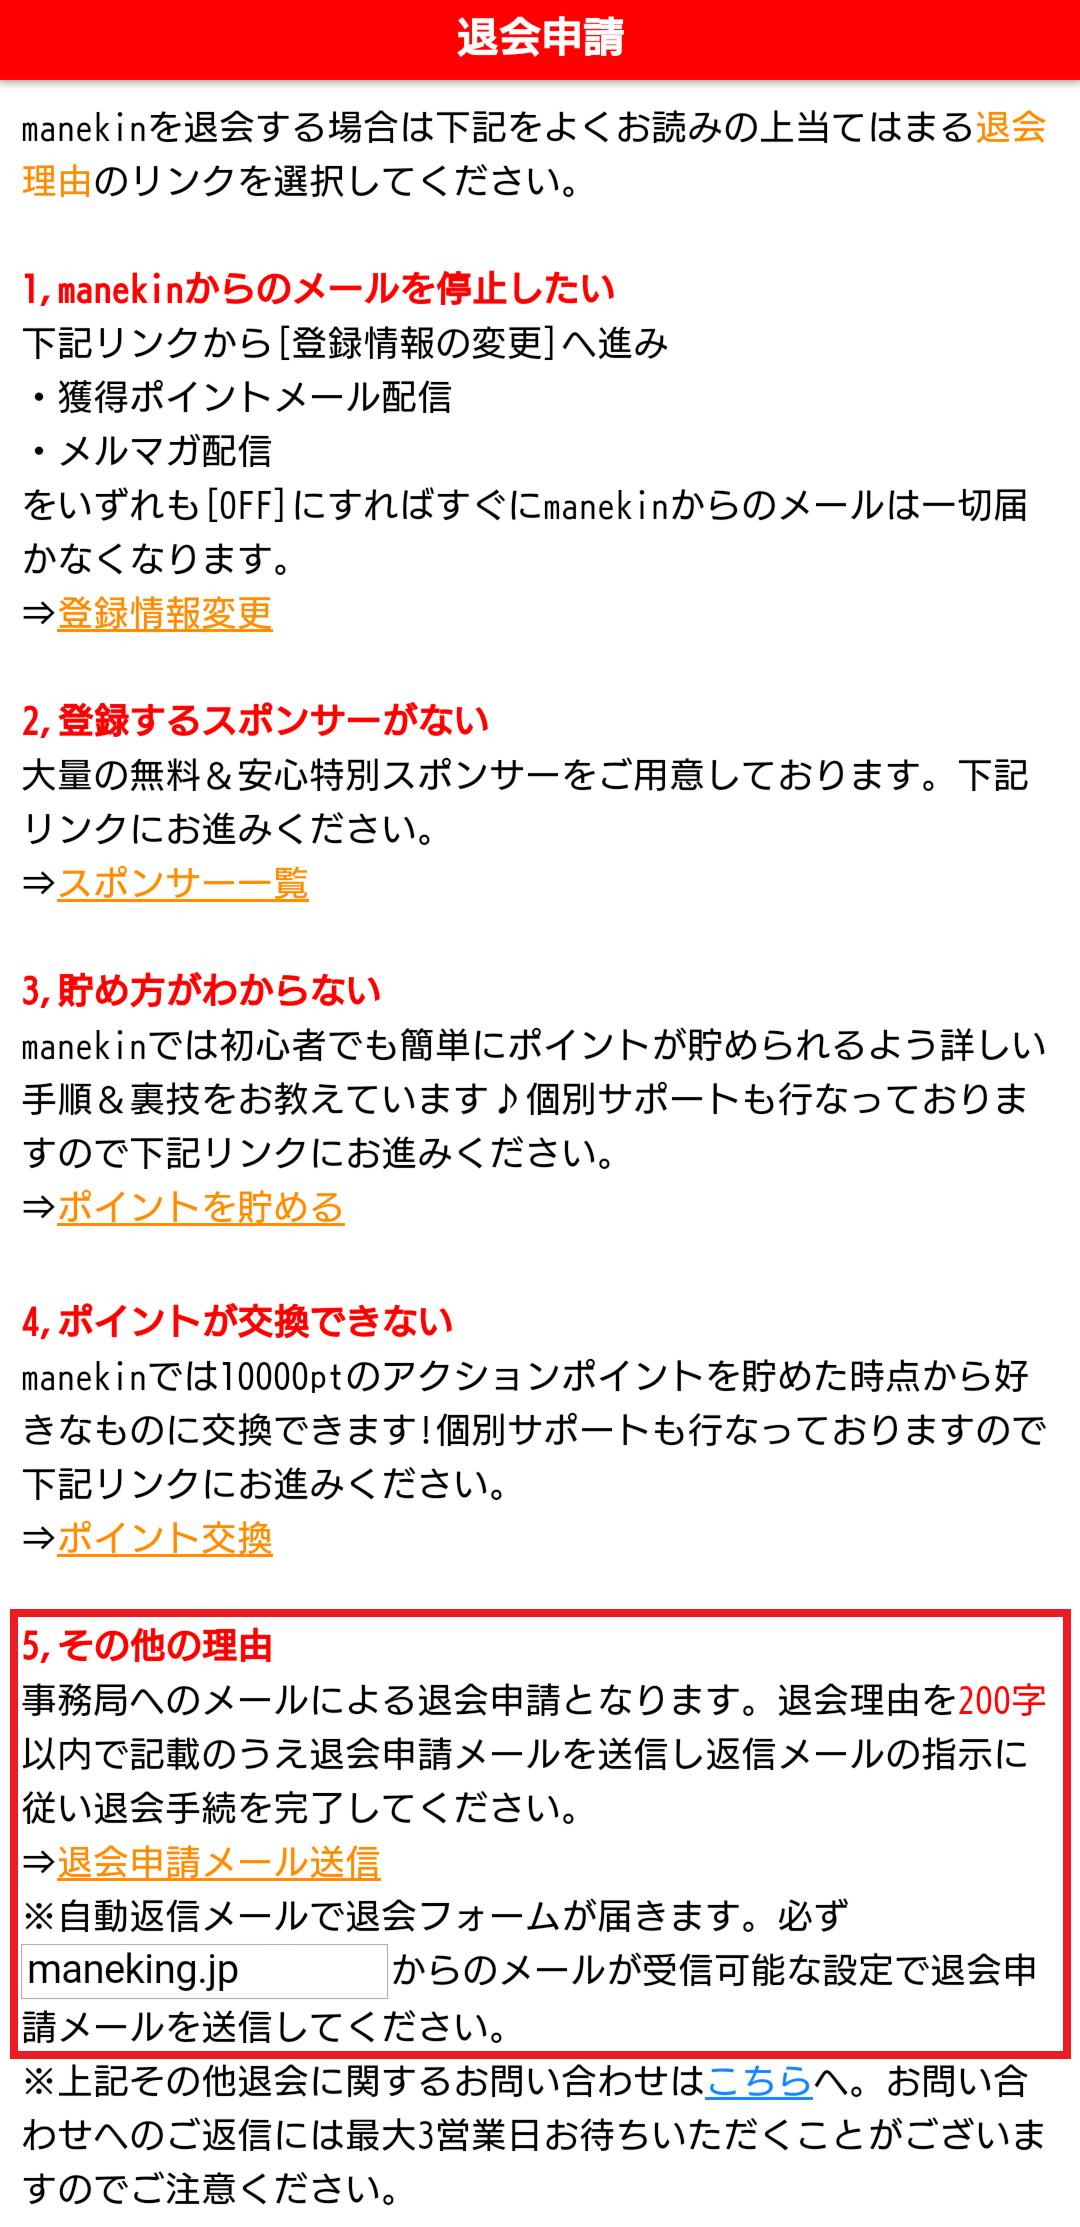 マネキン/退会申請メール送信